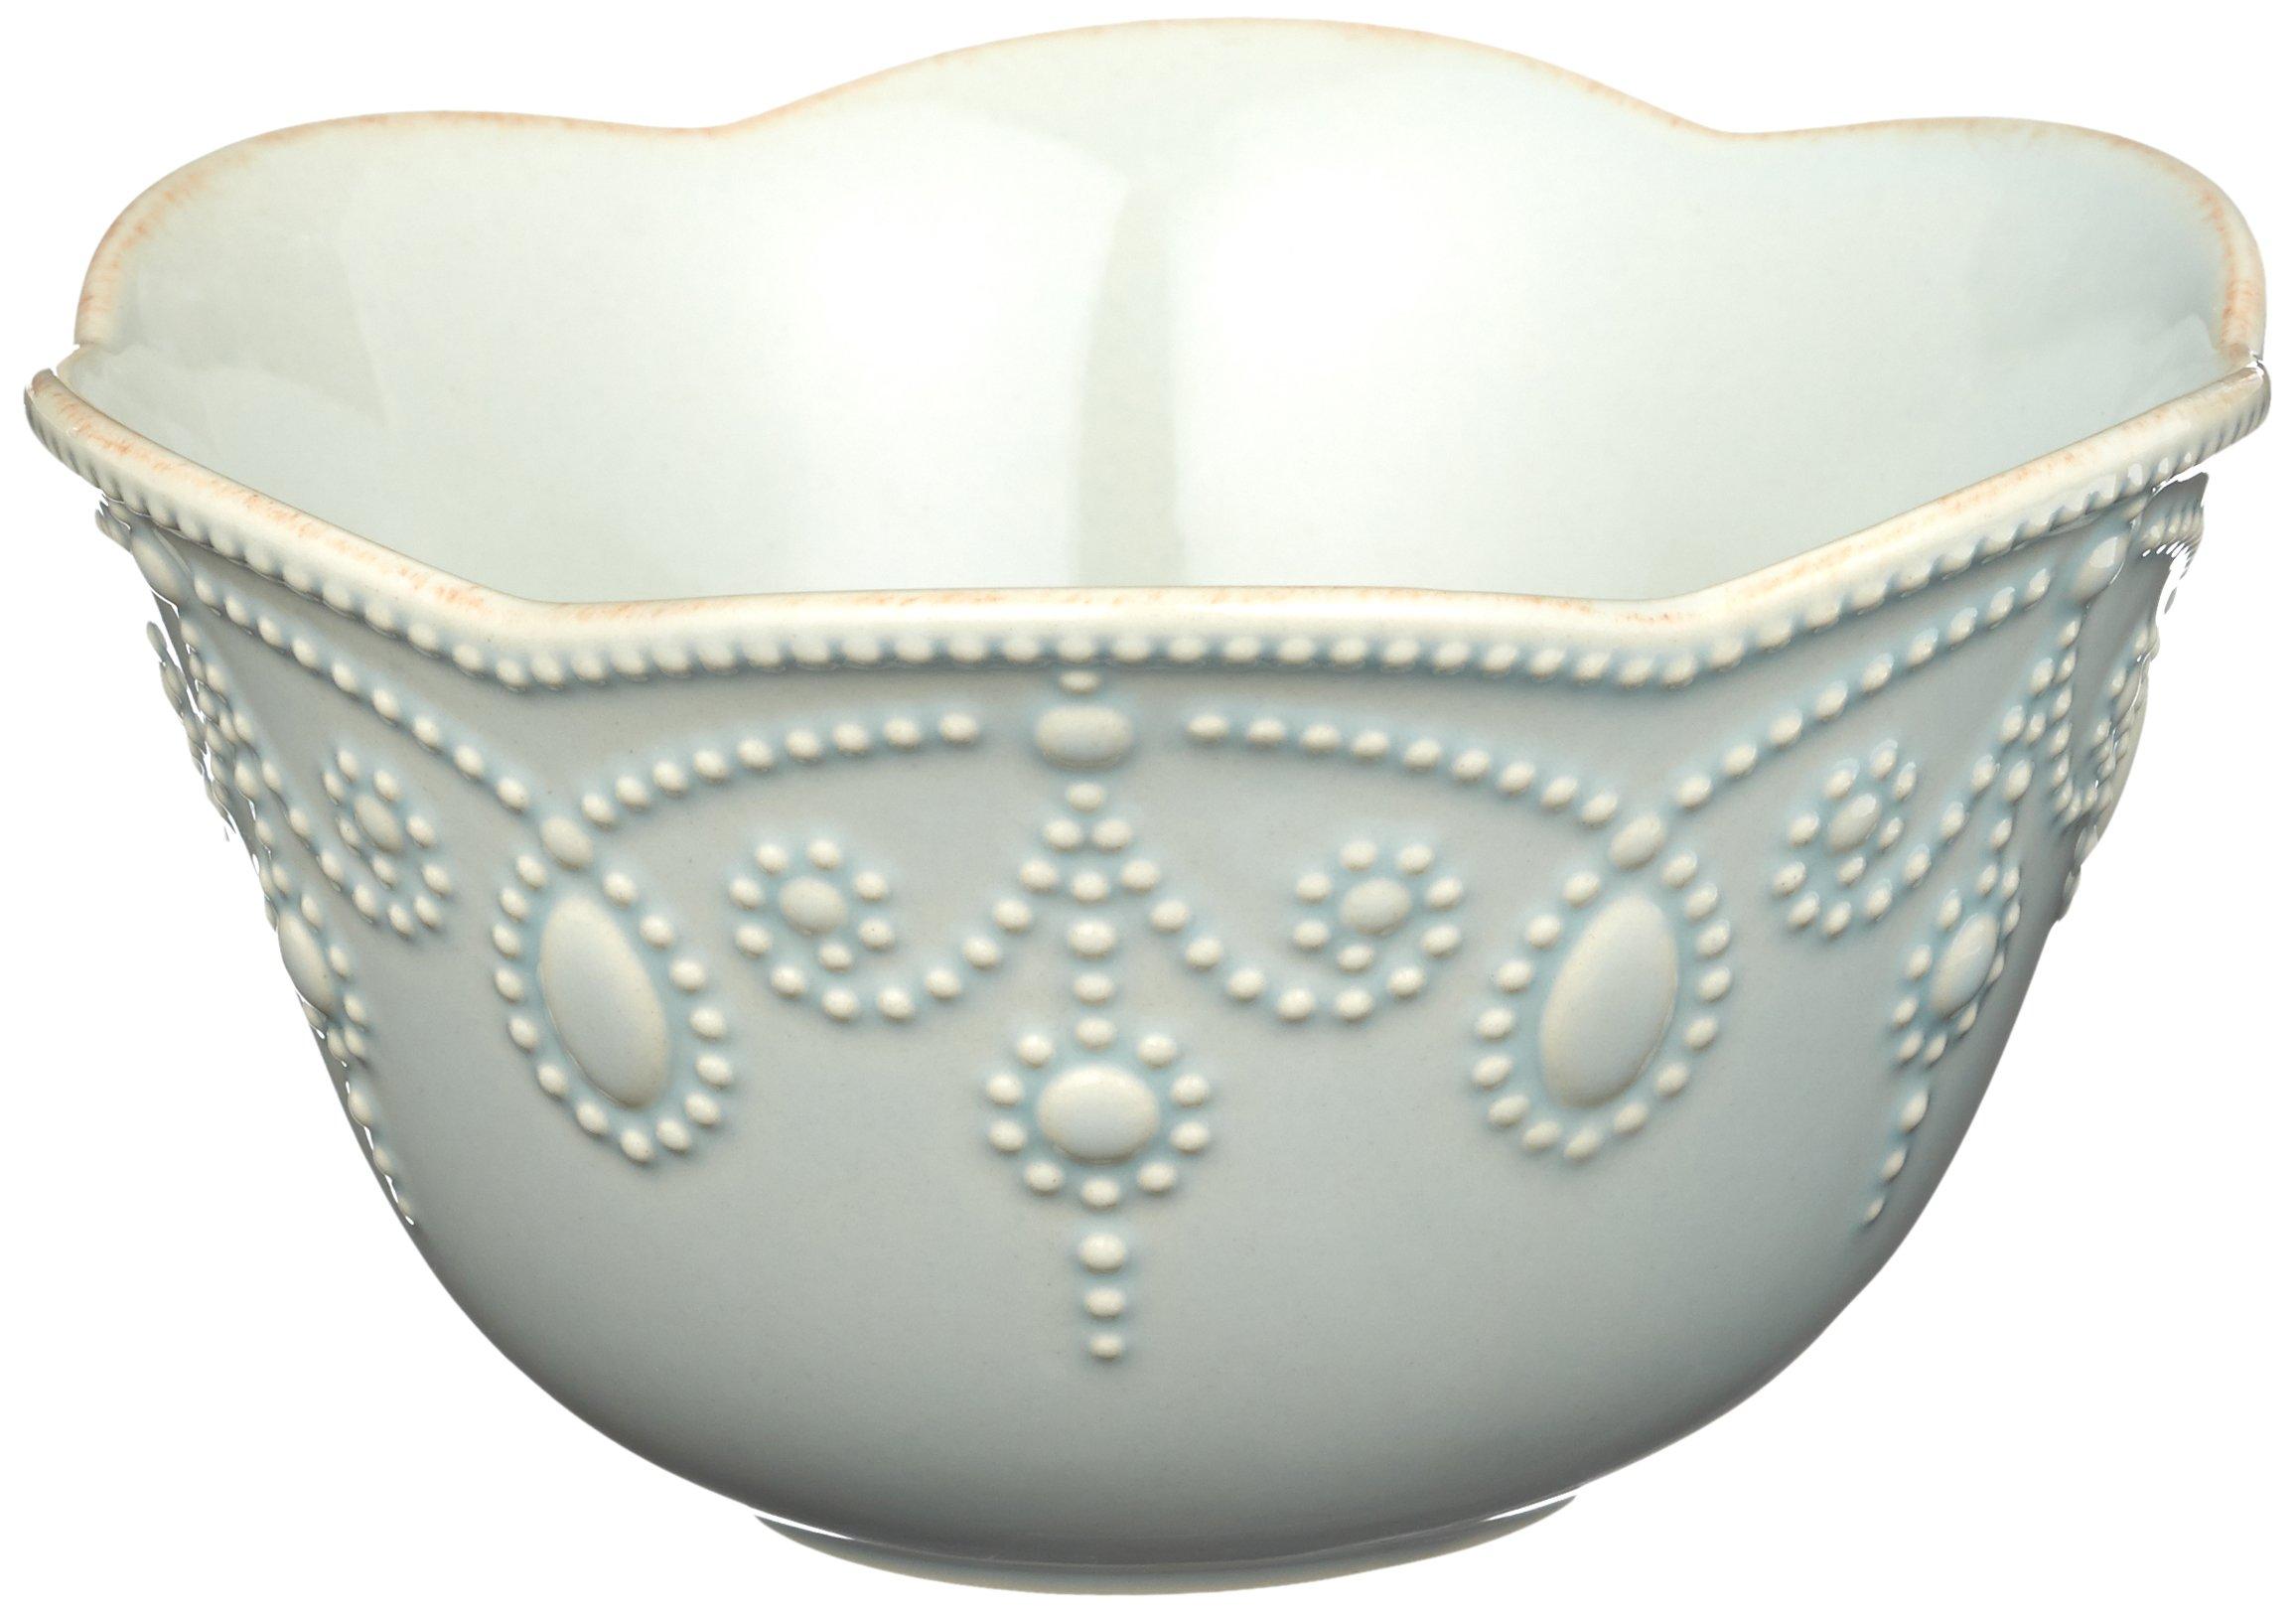 Lenox French Perle Fruit Bowl, Ice Blue